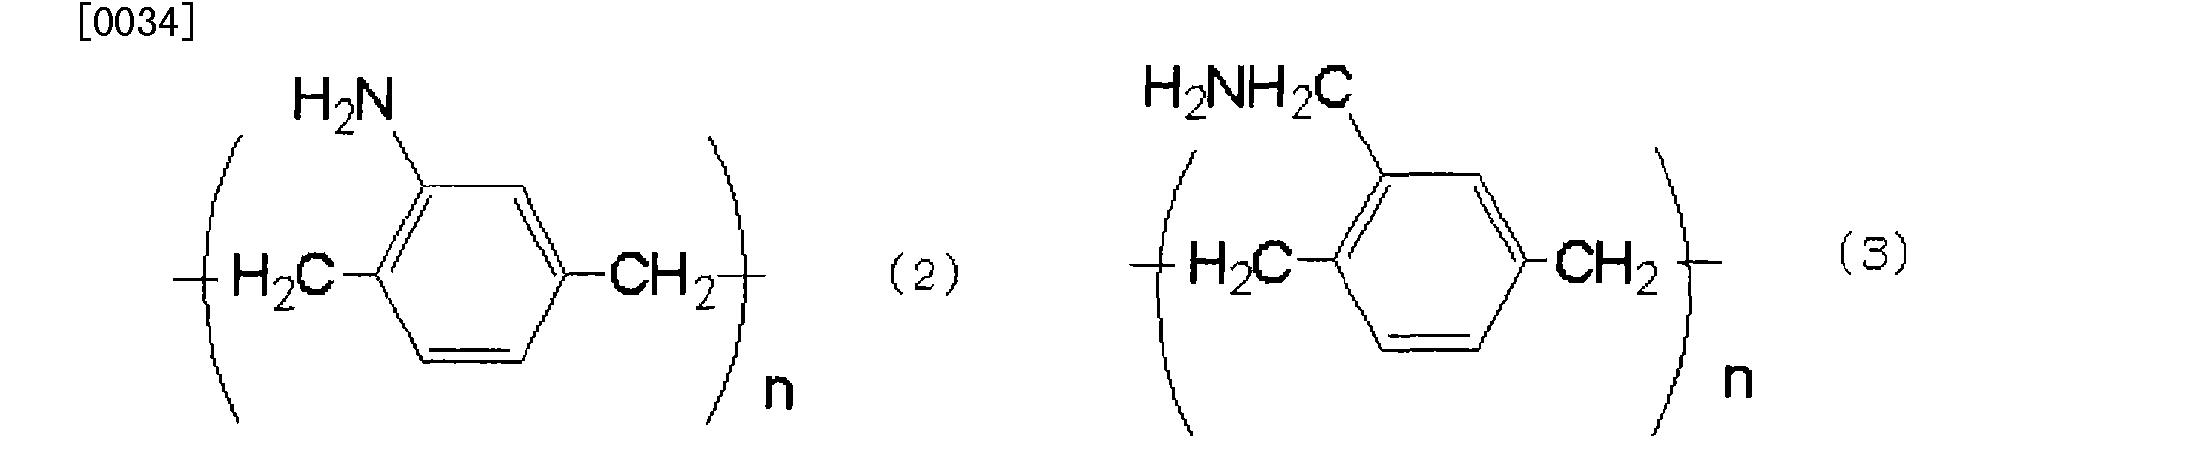 [0154] 其中,从向有机半导体层4供应电子的角度考虑,特别优选上述化学式I及上述化学式7的化合物,S卩,聚(氨基)对苯二亚甲基、和聚(氨基甲基)对苯二亚甲基。通过使用该化合物,能够更显著地发挥上述效果。 [0155] 第2绝缘层7的平均厚度优选为10〜lOOOOnm、更优选为200〜lOOOnm。由此能 够制作同时兼具低成本和高性能的晶体管的薄膜晶体管I。 [0156] 该第2绝缘层7的材料是以上述通式(I)所示的化合物作为主材料而成的,优选包含50〜100wt%的上述化合物、更优选包含70〜100